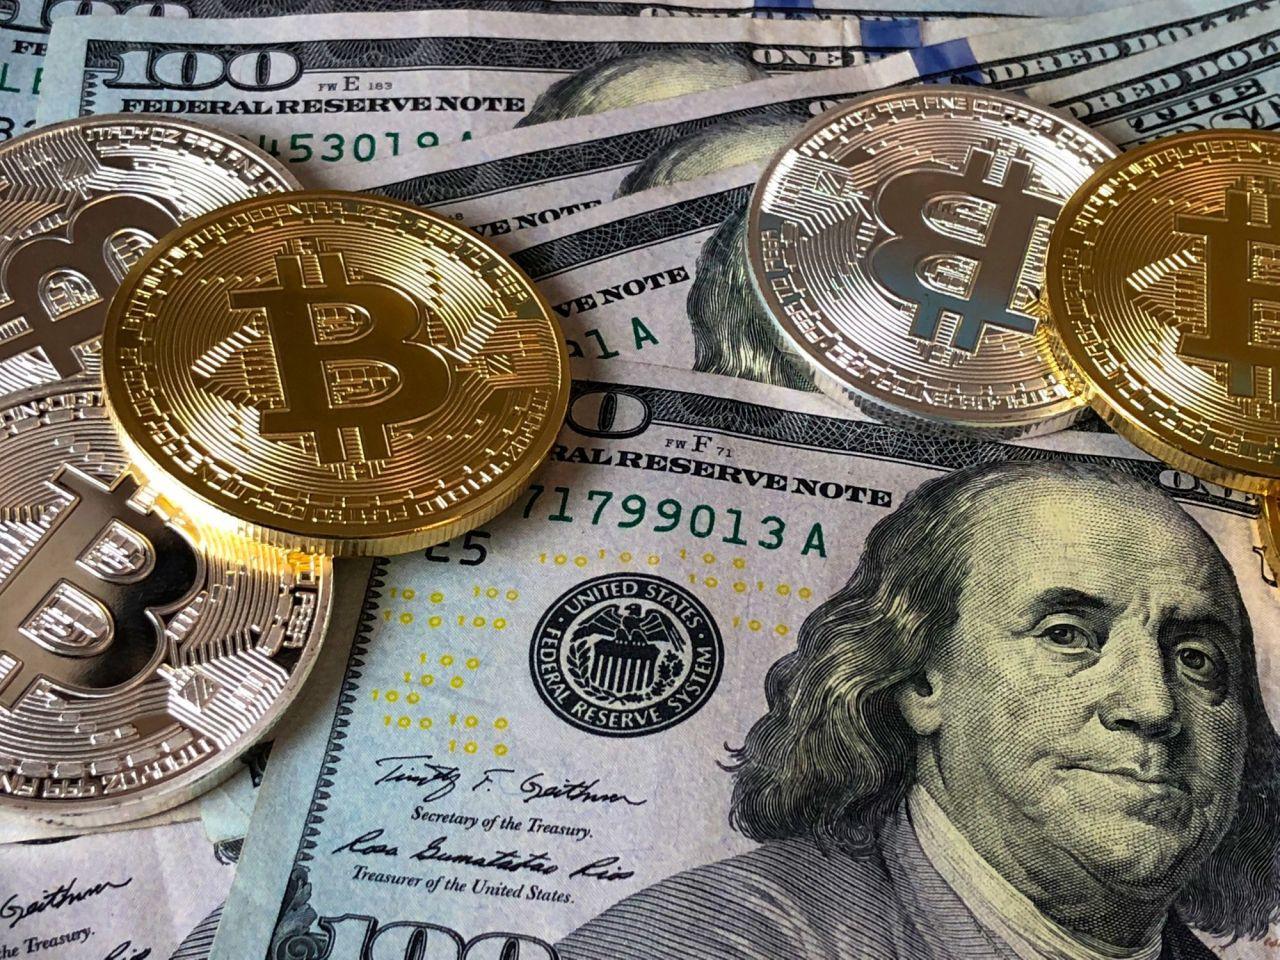 Merkez Bankası'nın kripto para raporu ortaya çıktı - Sayfa 2